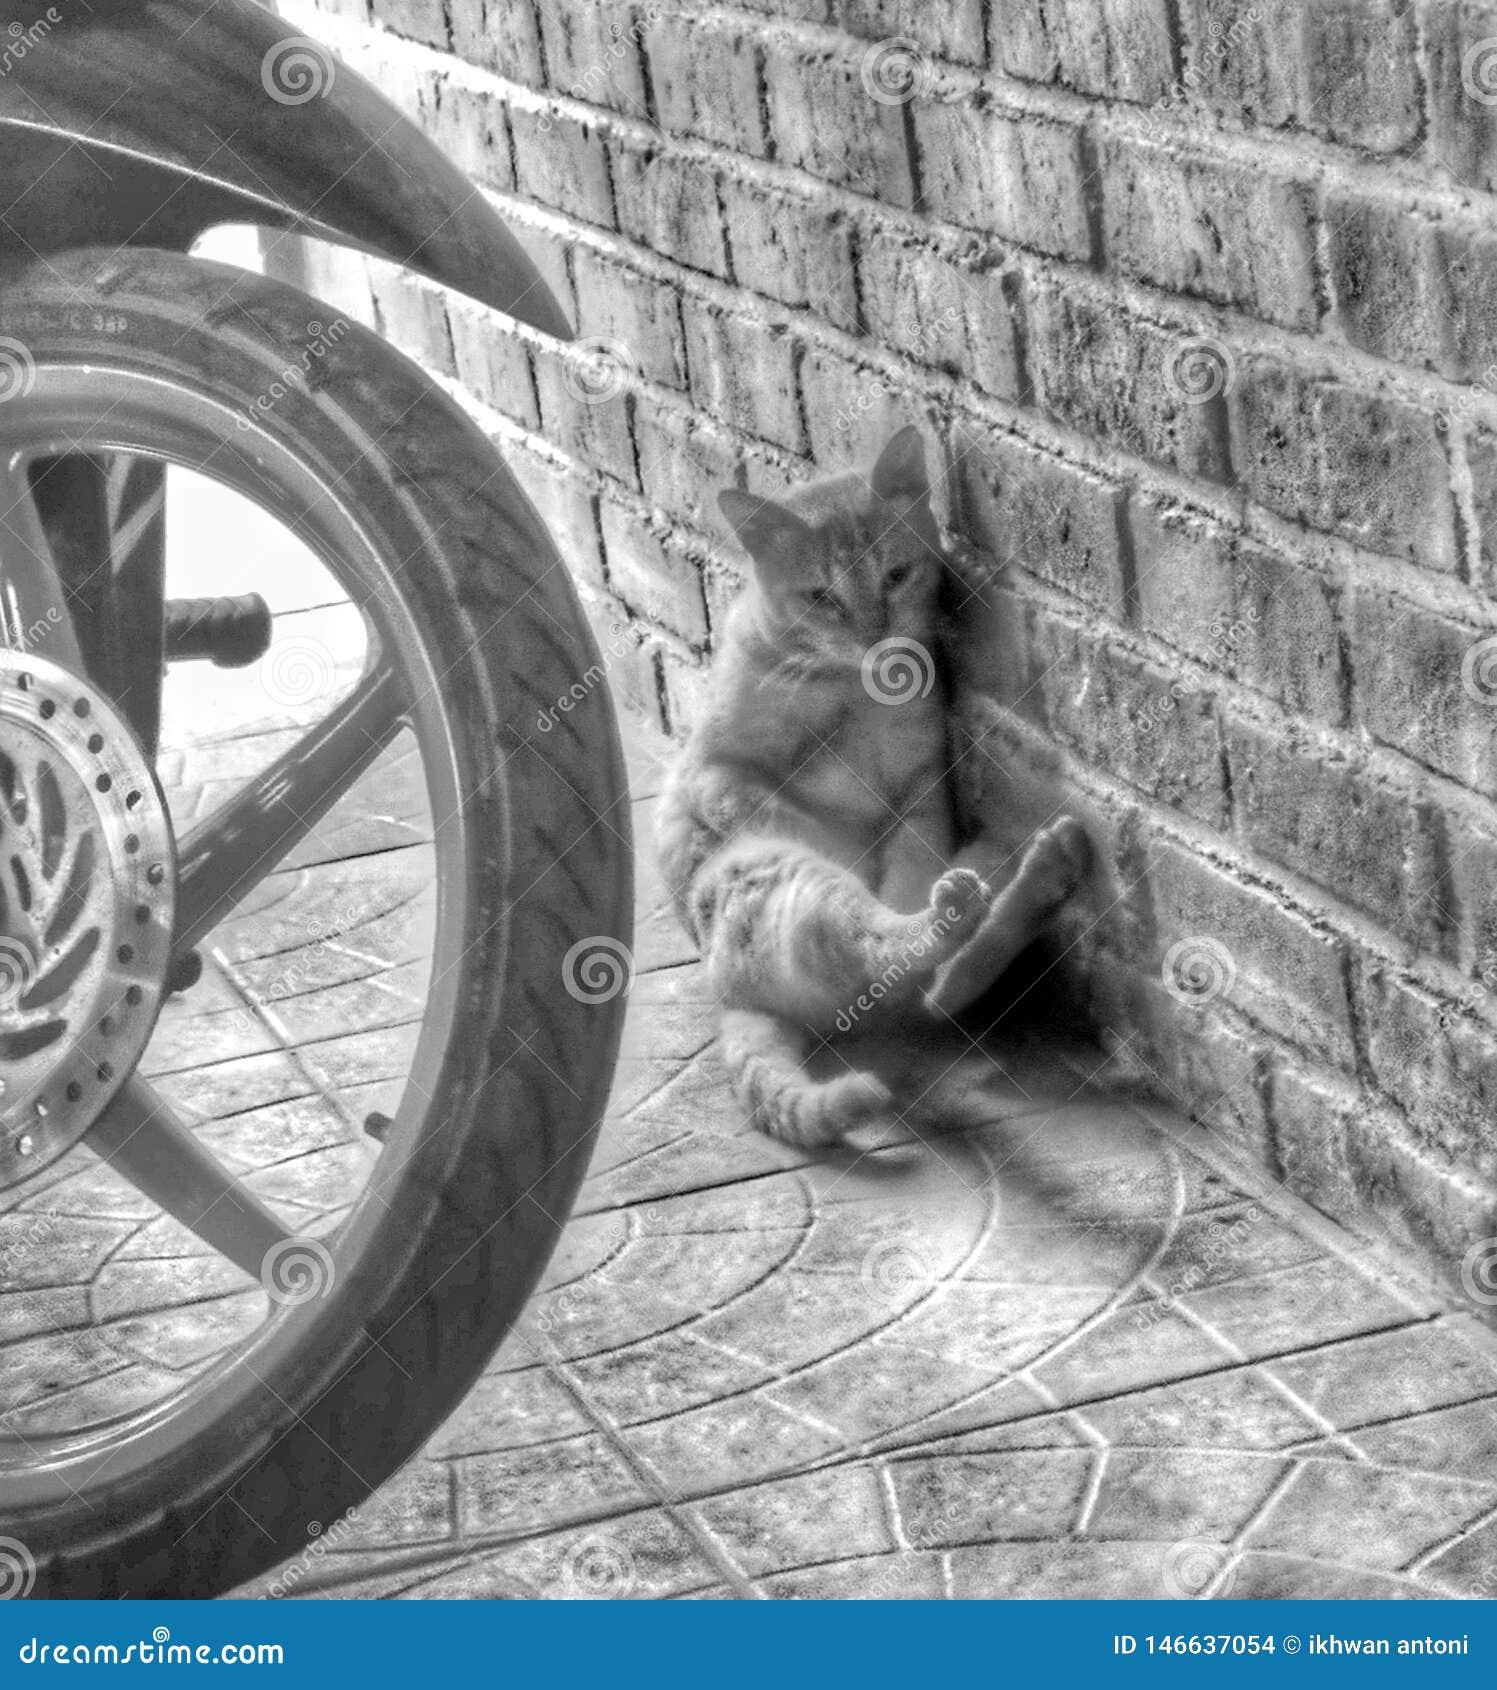 ντροπαλή ντροπαλή γάτα εκτός από τον τοίχο